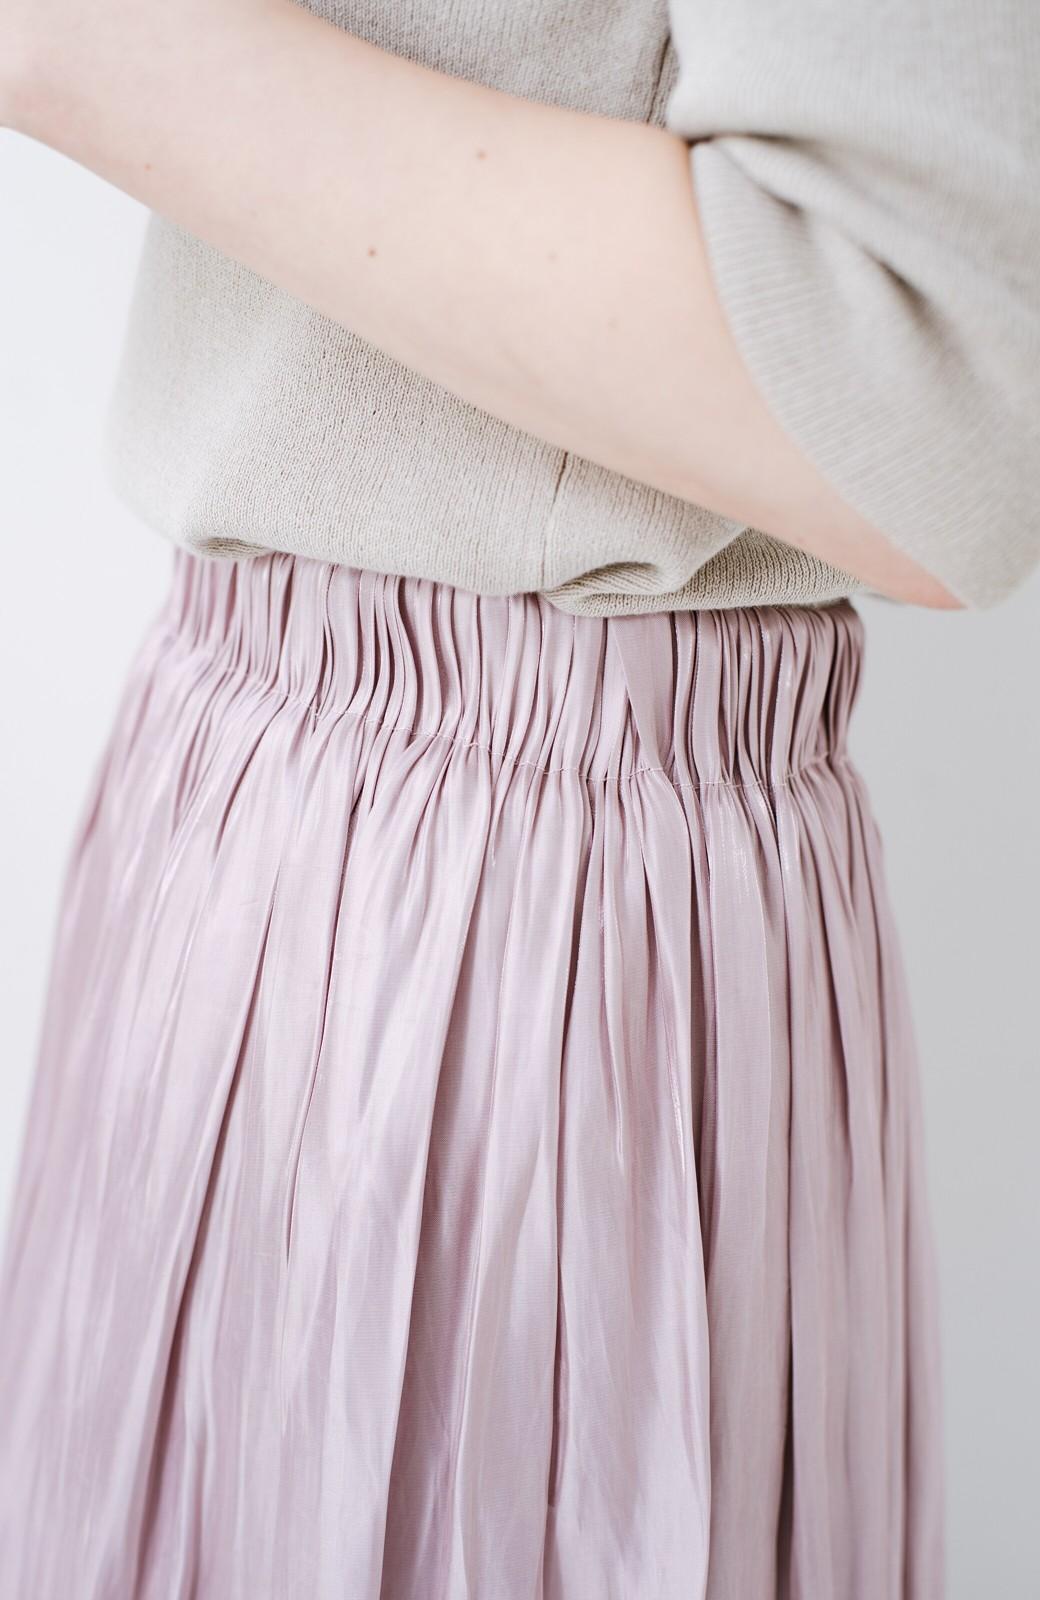 haco! 1枚でも重ね着にも便利なキラキラ素材がかわいいロングスカート by laulea <スモークピンク>の商品写真5